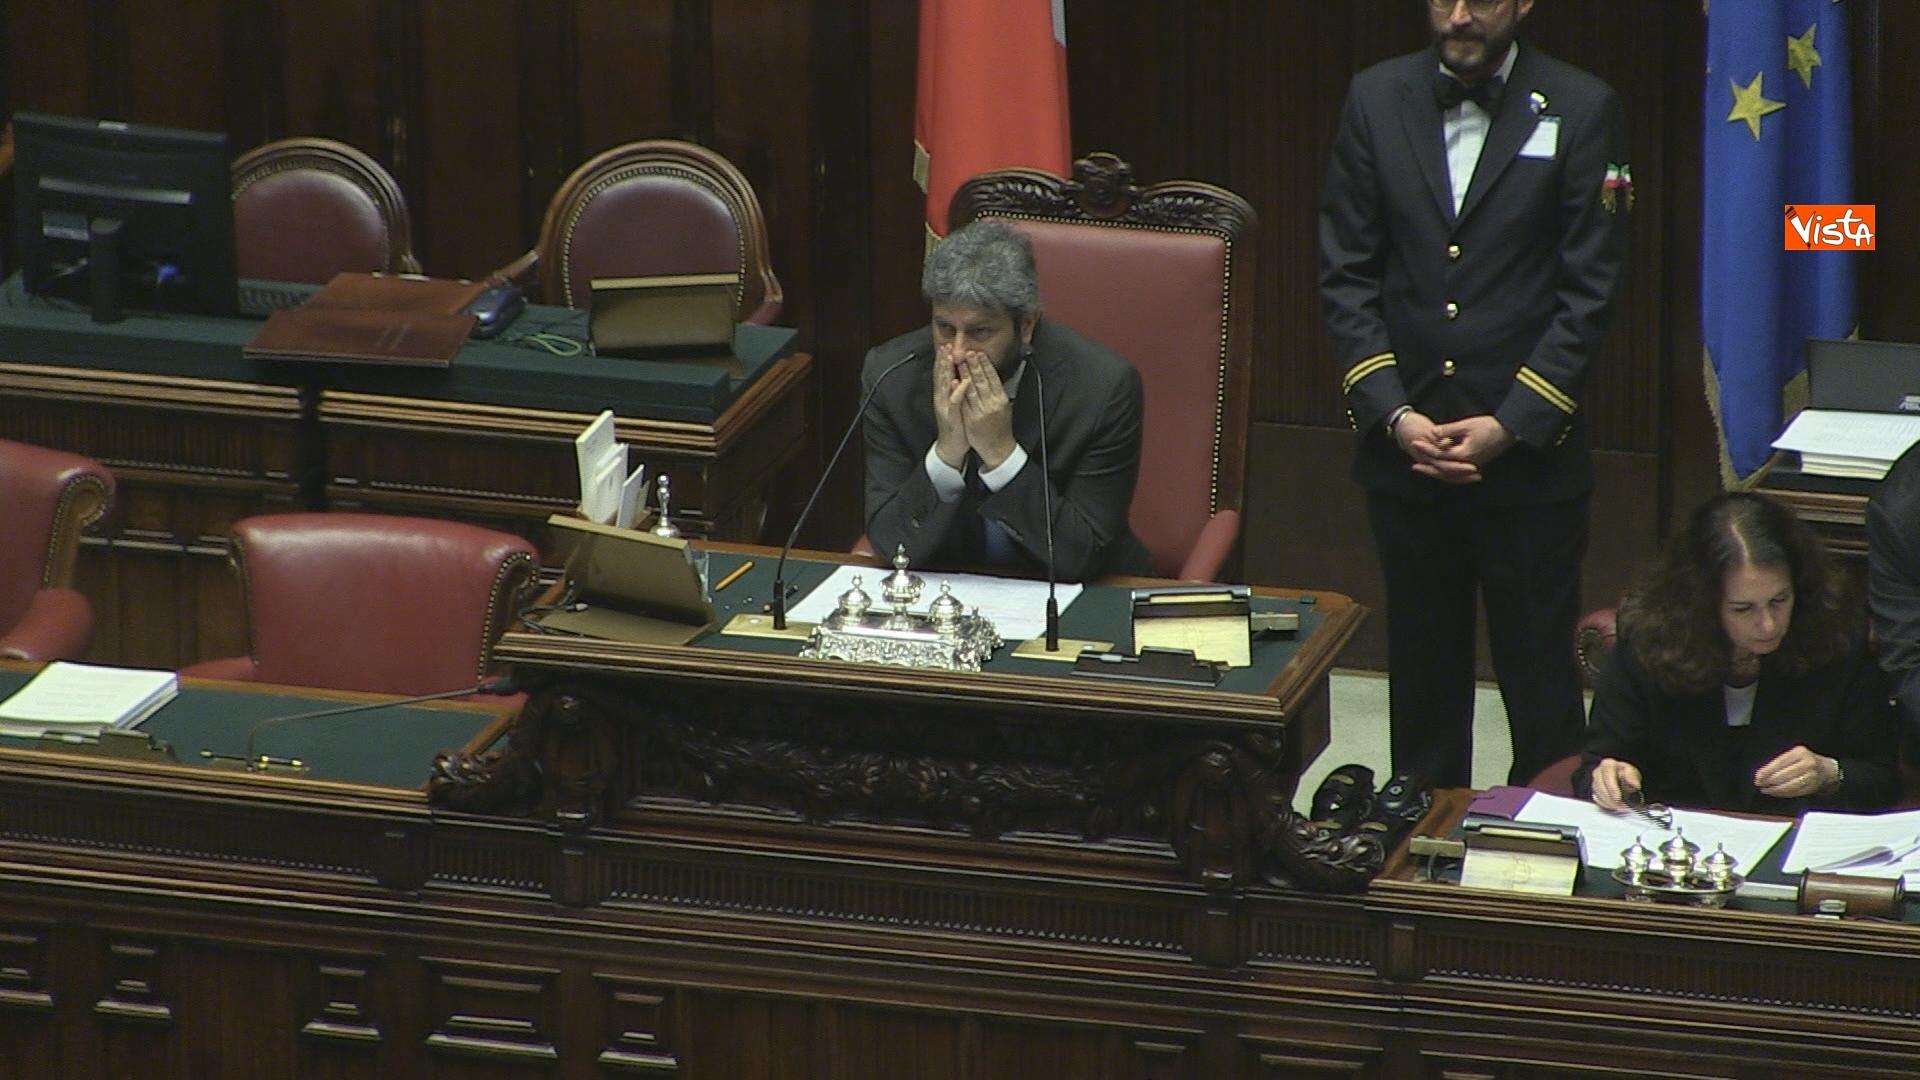 19-03-19 Conte riferisce in Aula Camera su Consiglio Ue e Via della seta immagini_12